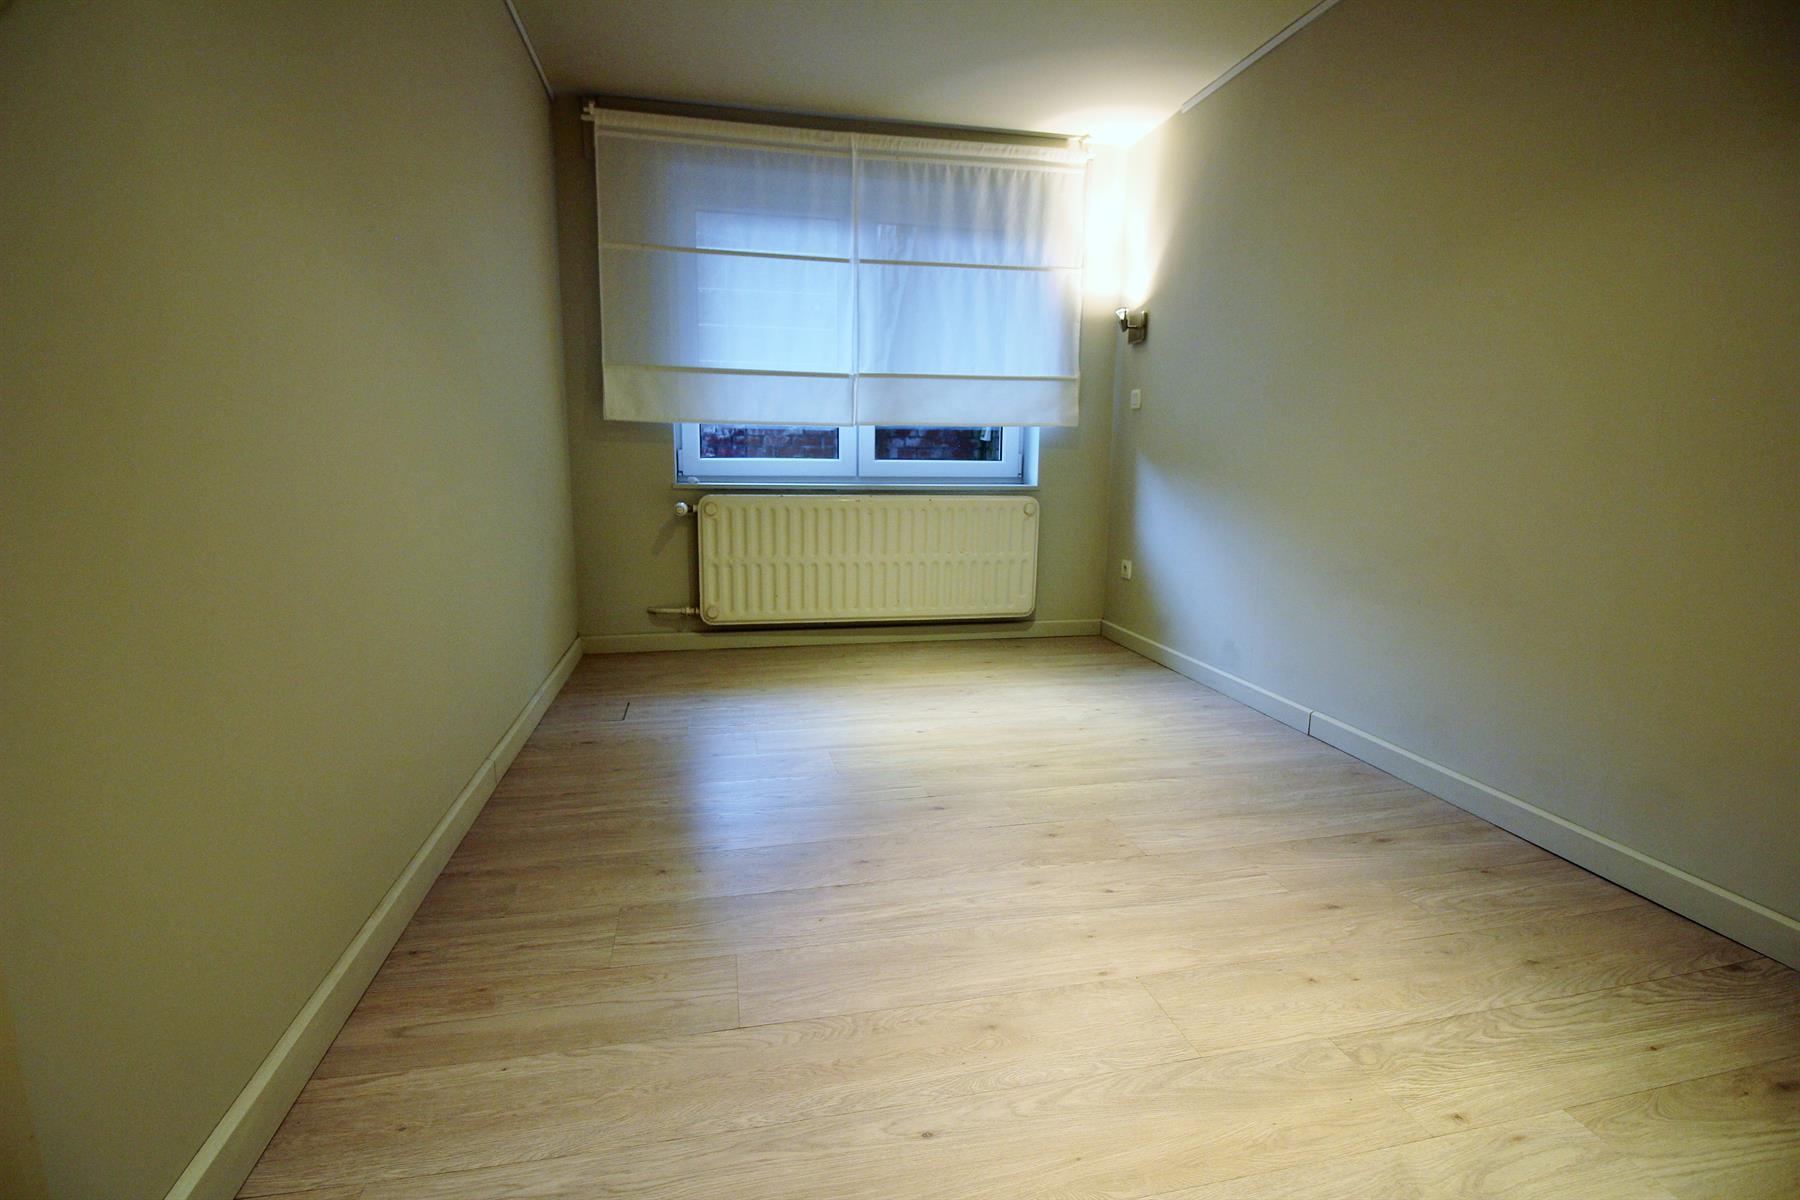 Appartement - Liege - #4244890-20